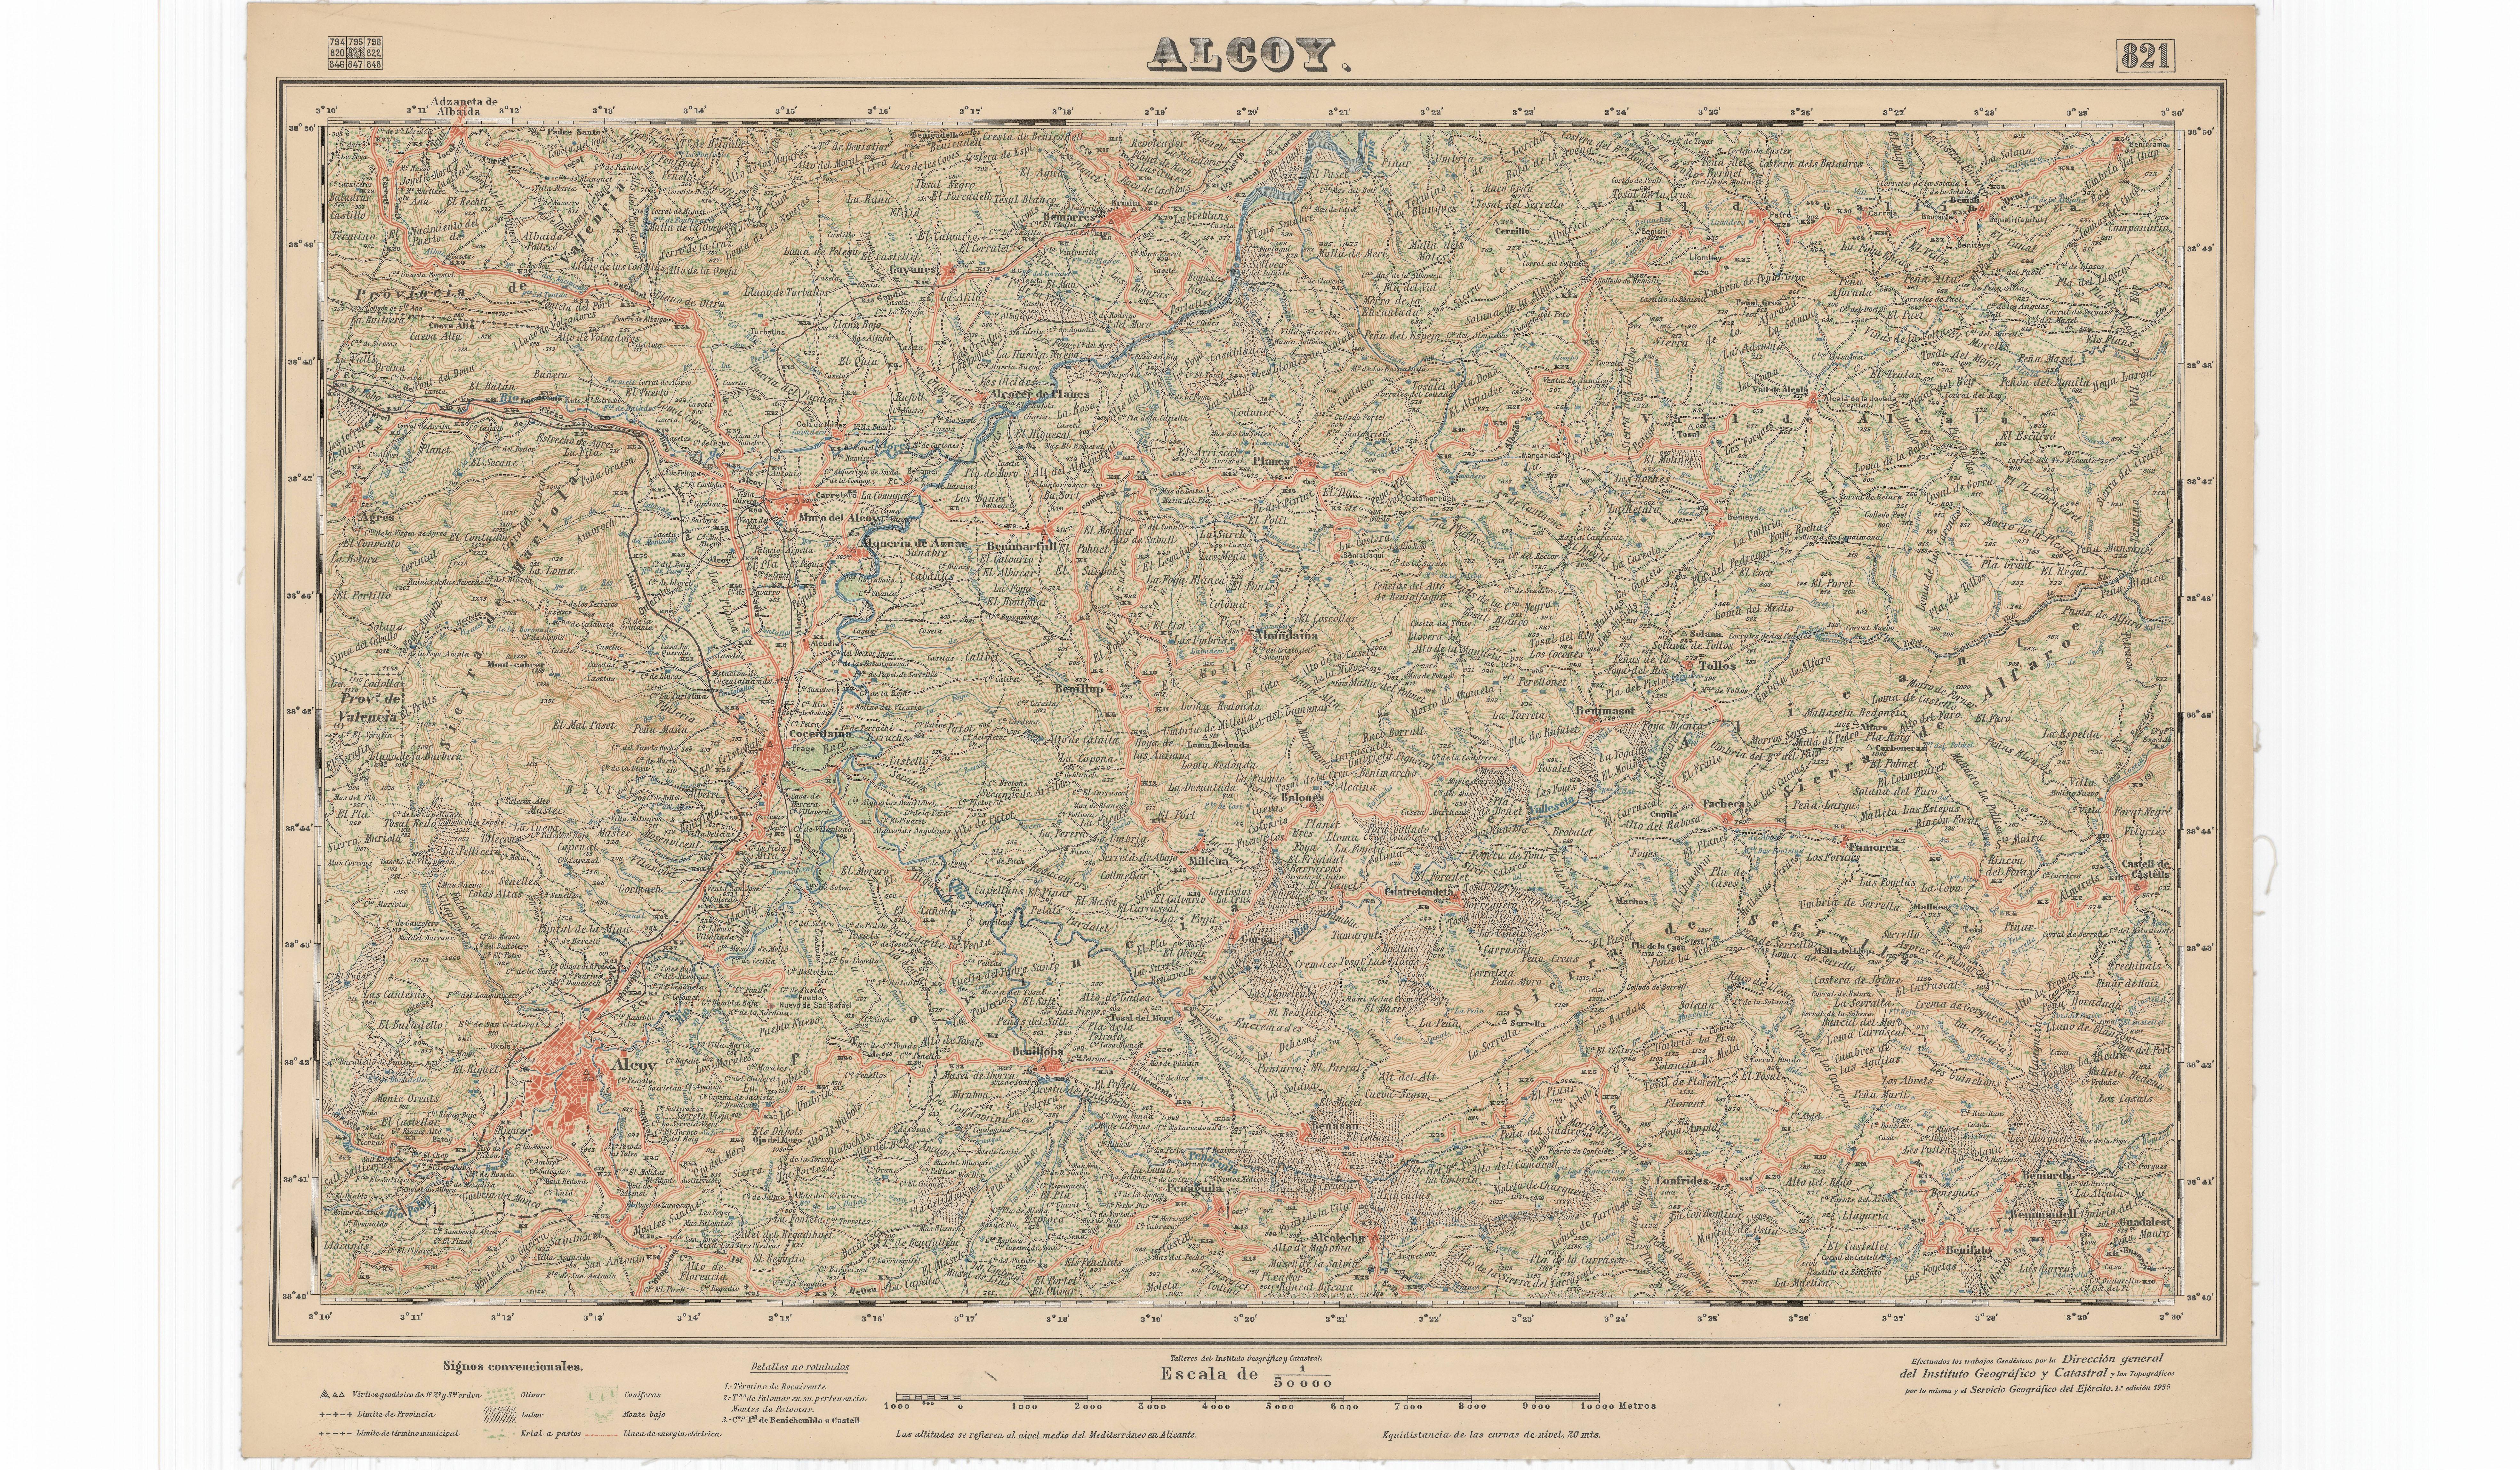 MTN50-0821-1955-nnn-Alcoy